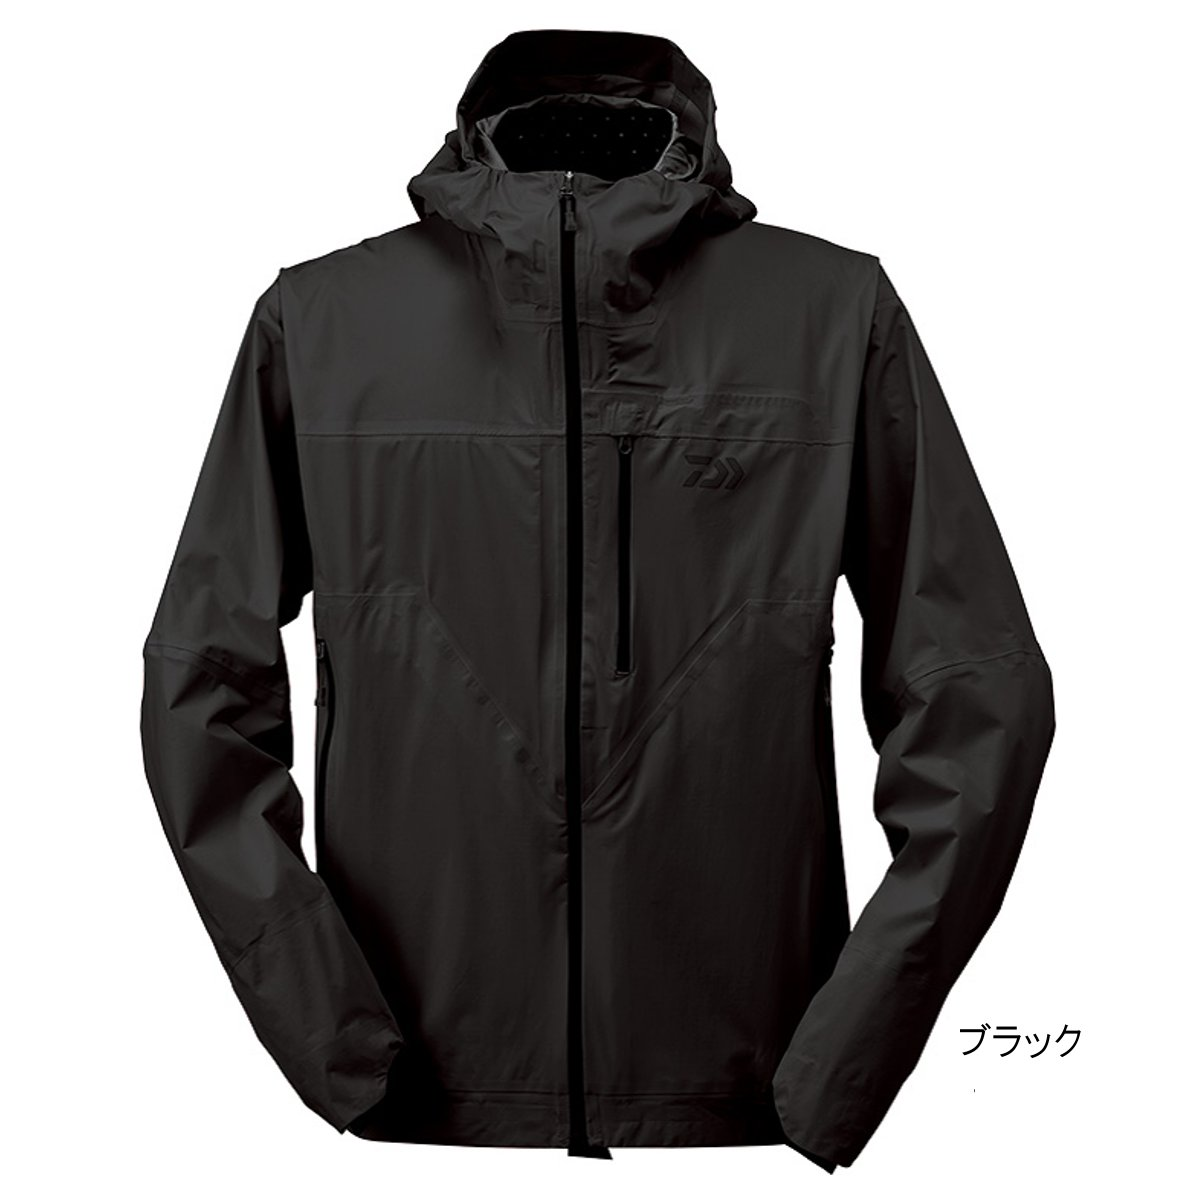 ダイワ レインマックス ポケッタブルレインジャケット DR-32009J XL ブラック【送料無料】